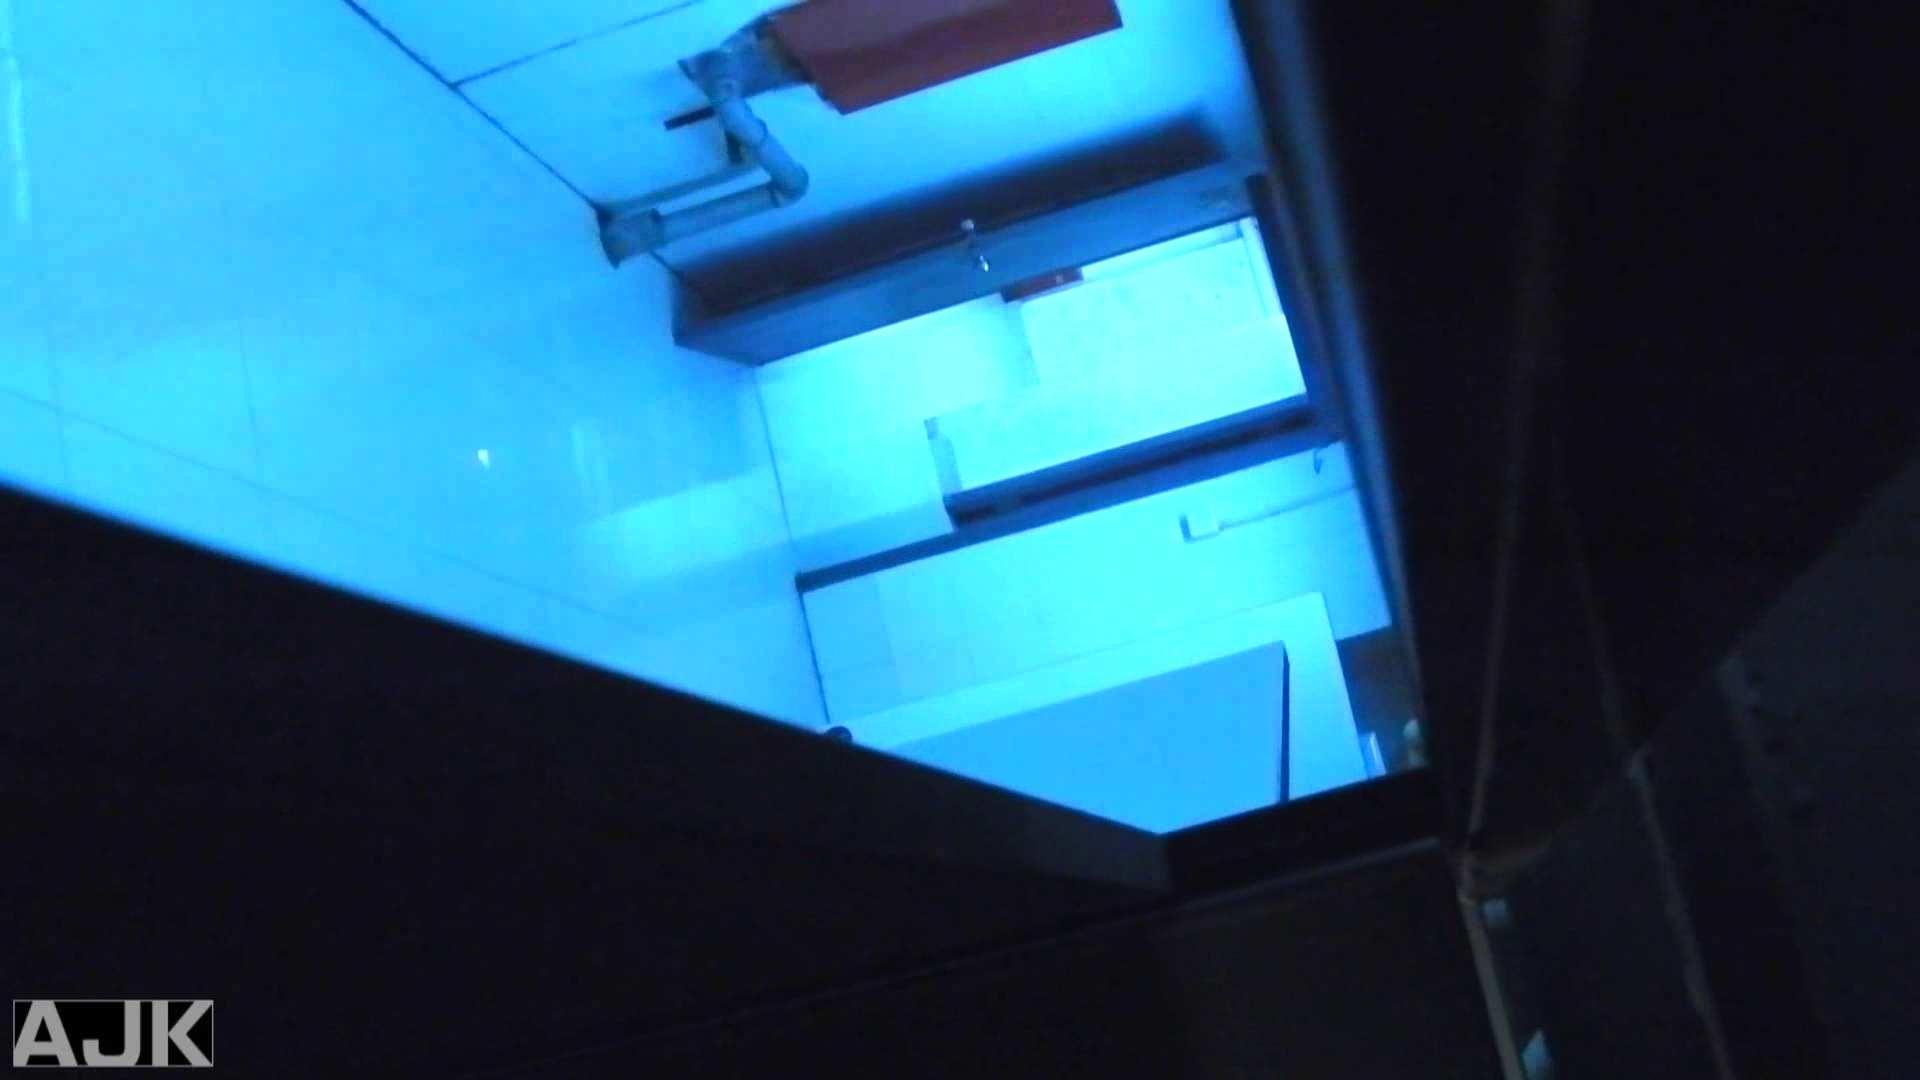 神降臨!史上最強の潜入かわや! vol.13 無修正マンコ 盗撮エロ画像 66PICs 53